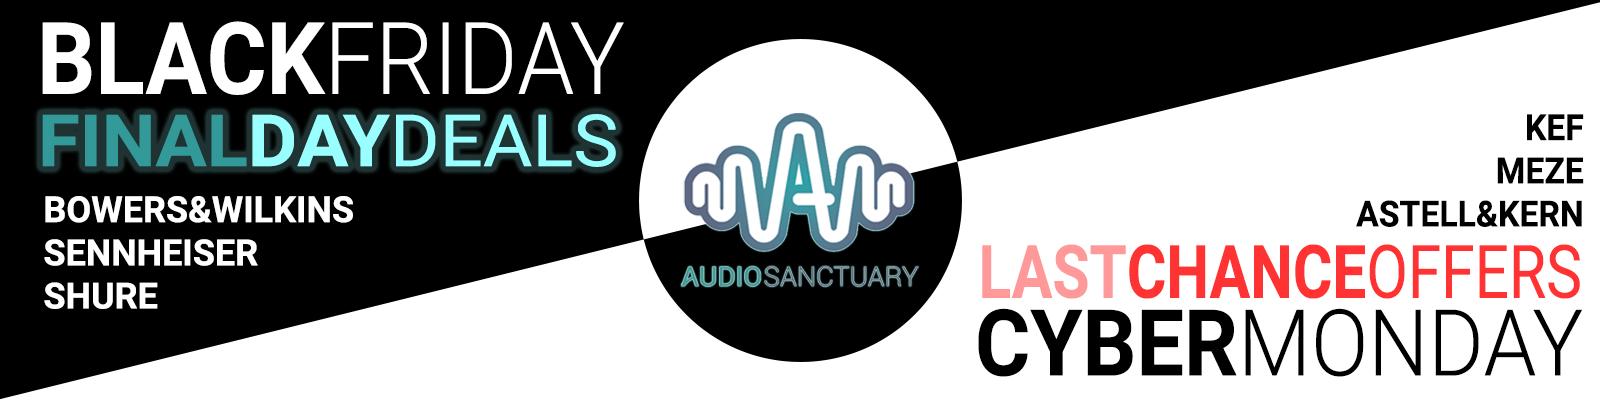 Deals, Discounts, Offers, Bargains! Audio Sanctuary Black Friday / Cyber Monday 2020 Promotion